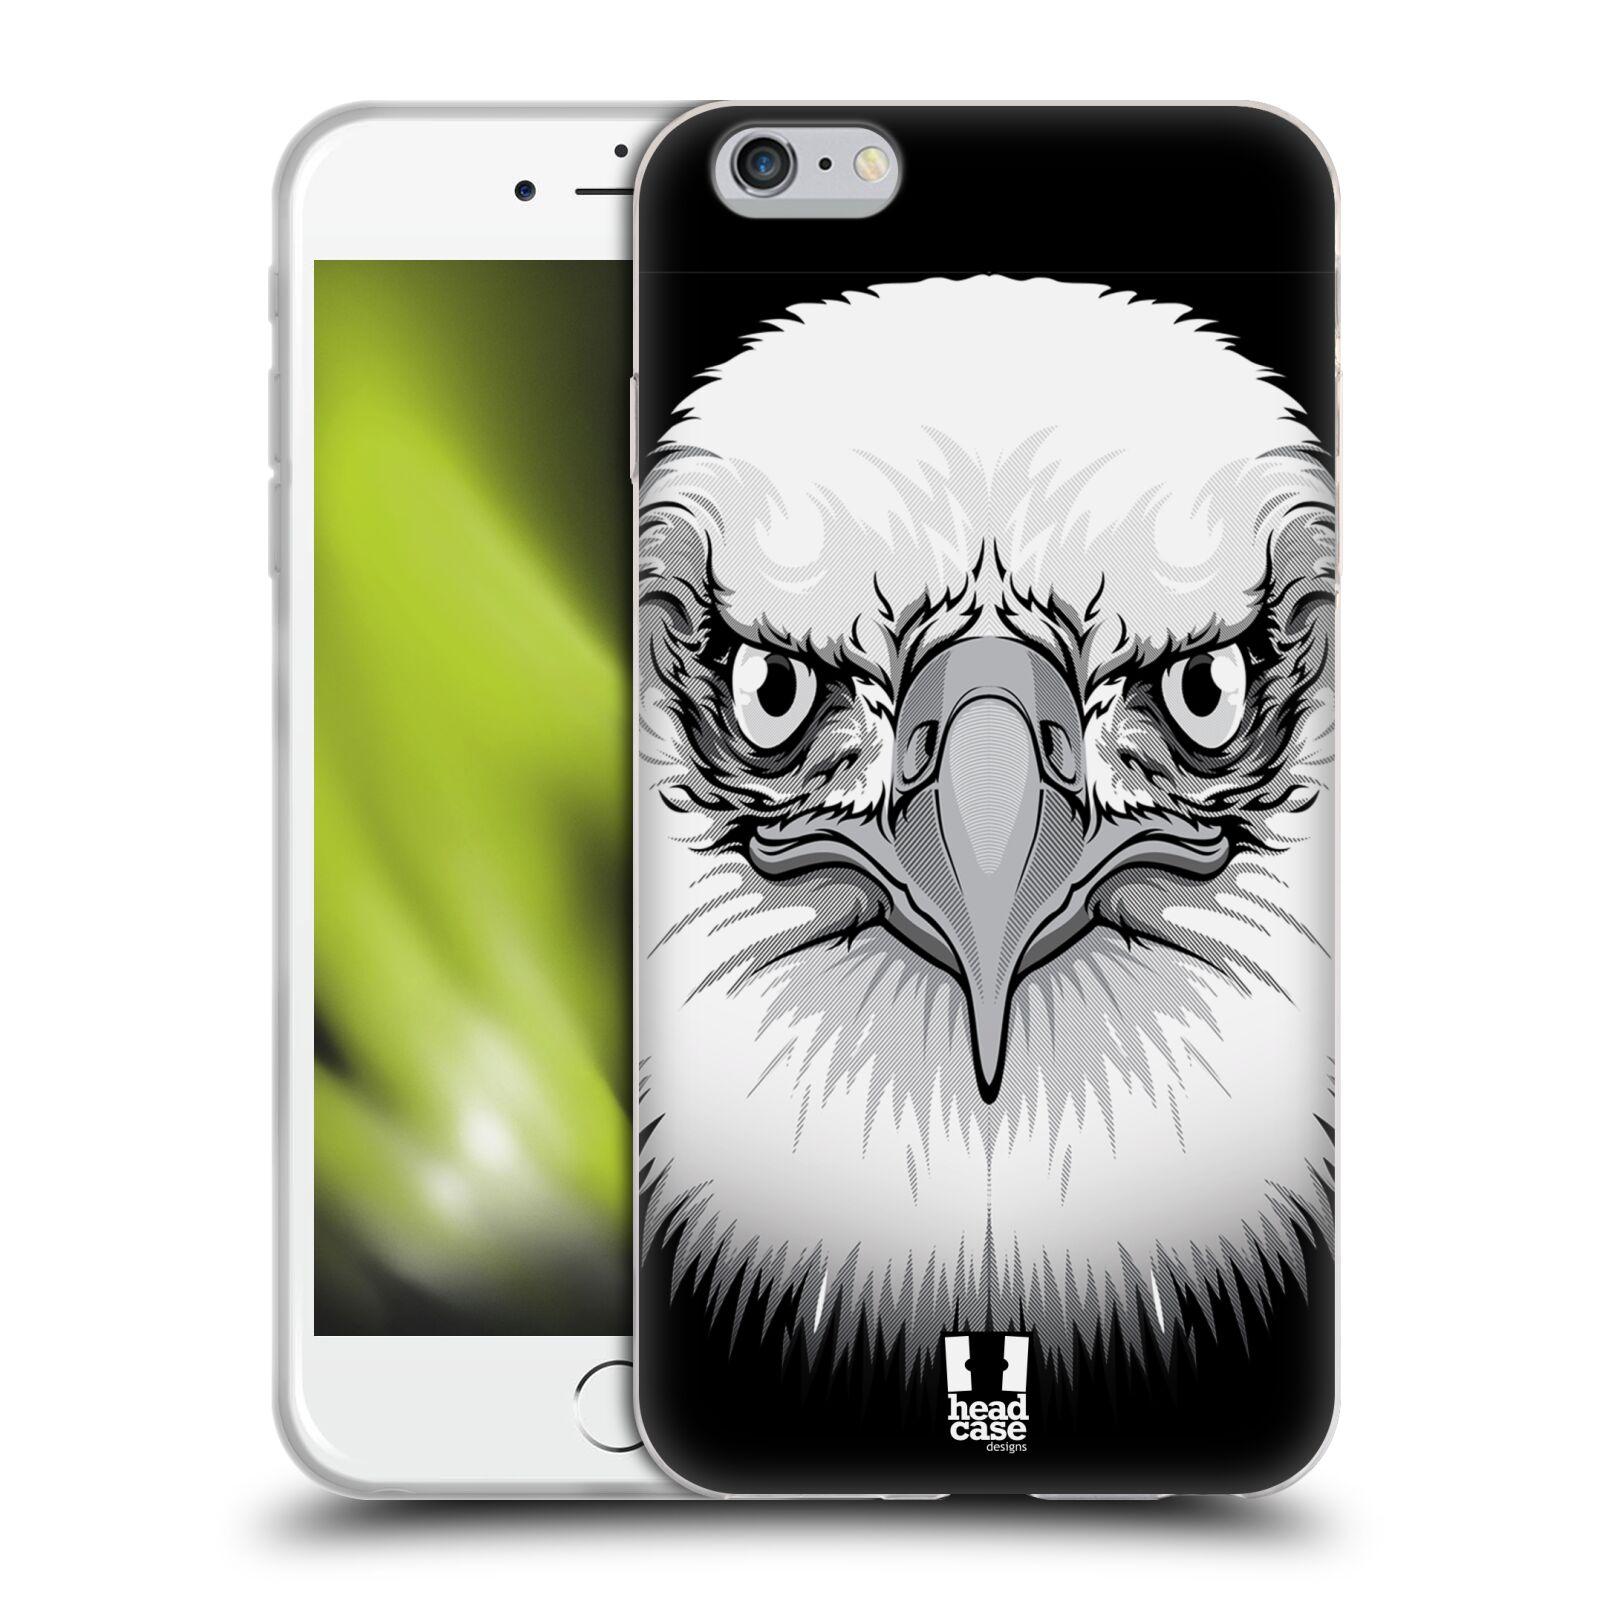 HEAD CASE silikonový obal na mobil Apple Iphone 6 PLUS/ 6S PLUS vzor Zvíře kreslená tvář orel